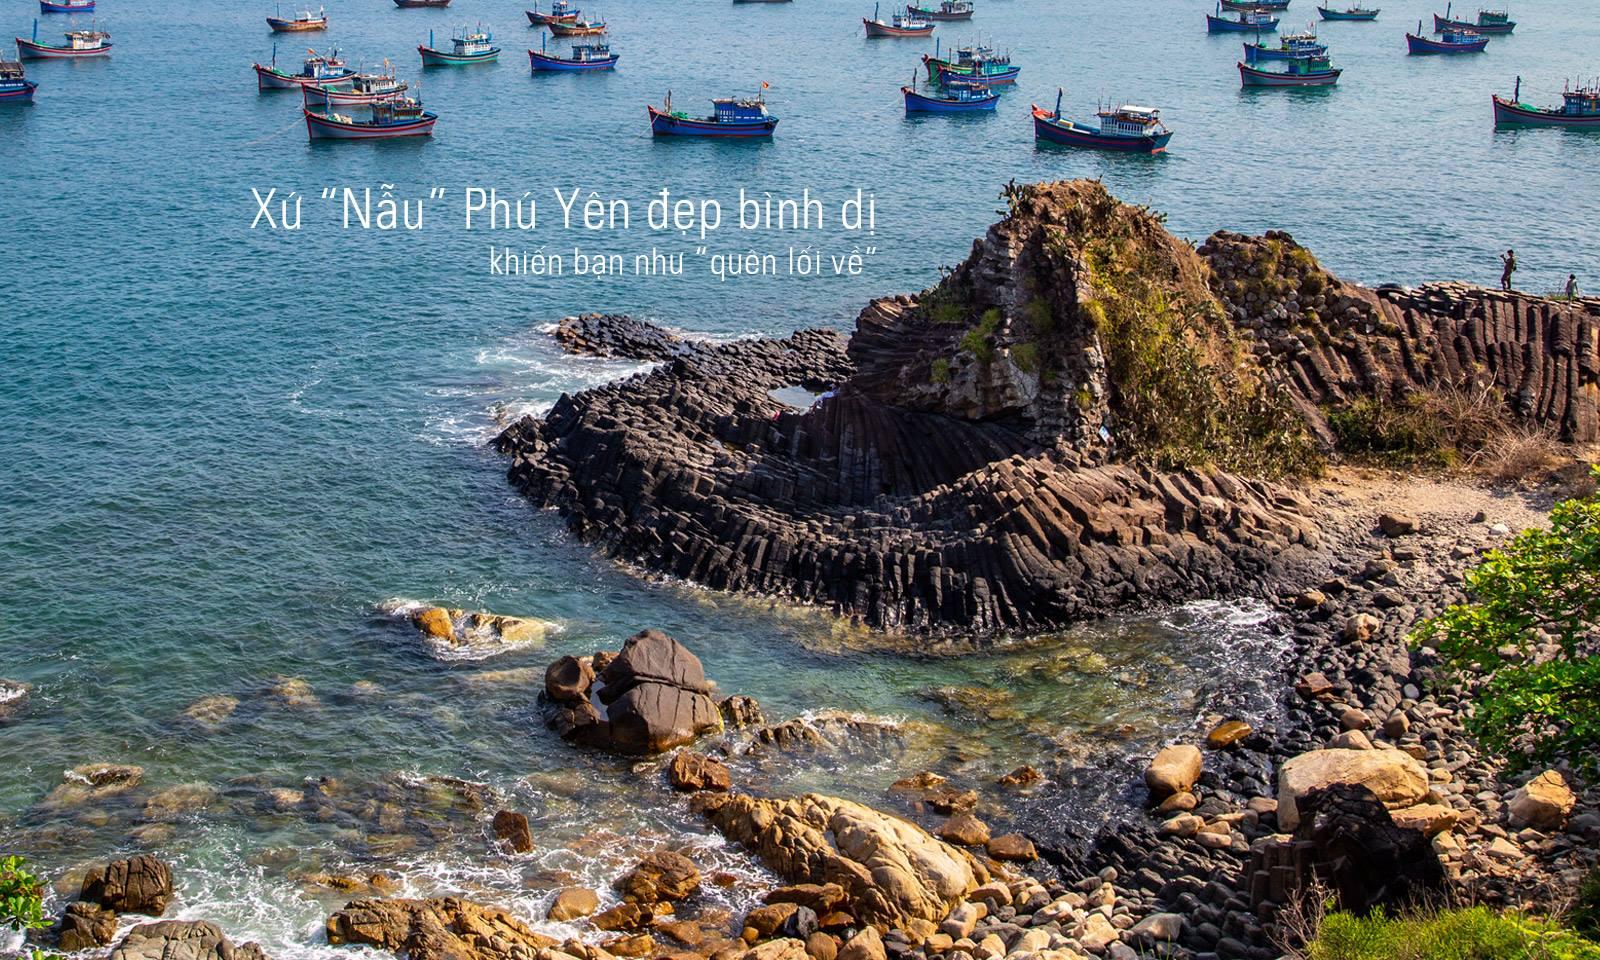 """Xứ """"Nẫu"""" Phú Yên đẹp bình dị khiến bạn như """"quên lối về"""""""